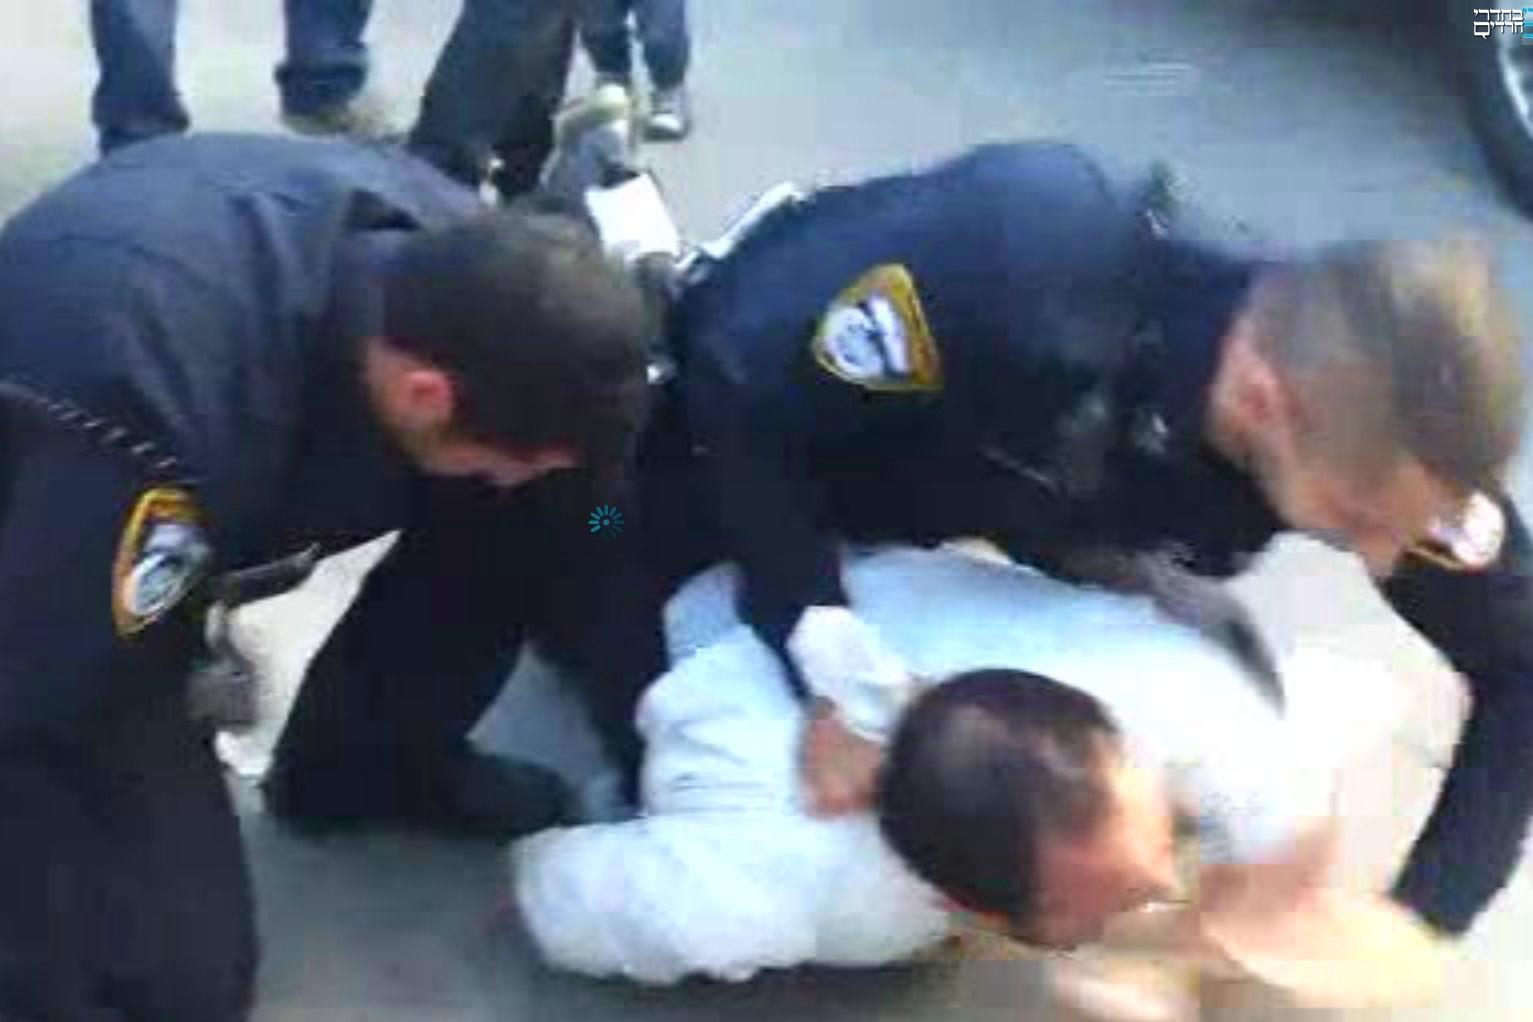 צפו בוידאו: מדוע נעצר האברך הבני ברקי?